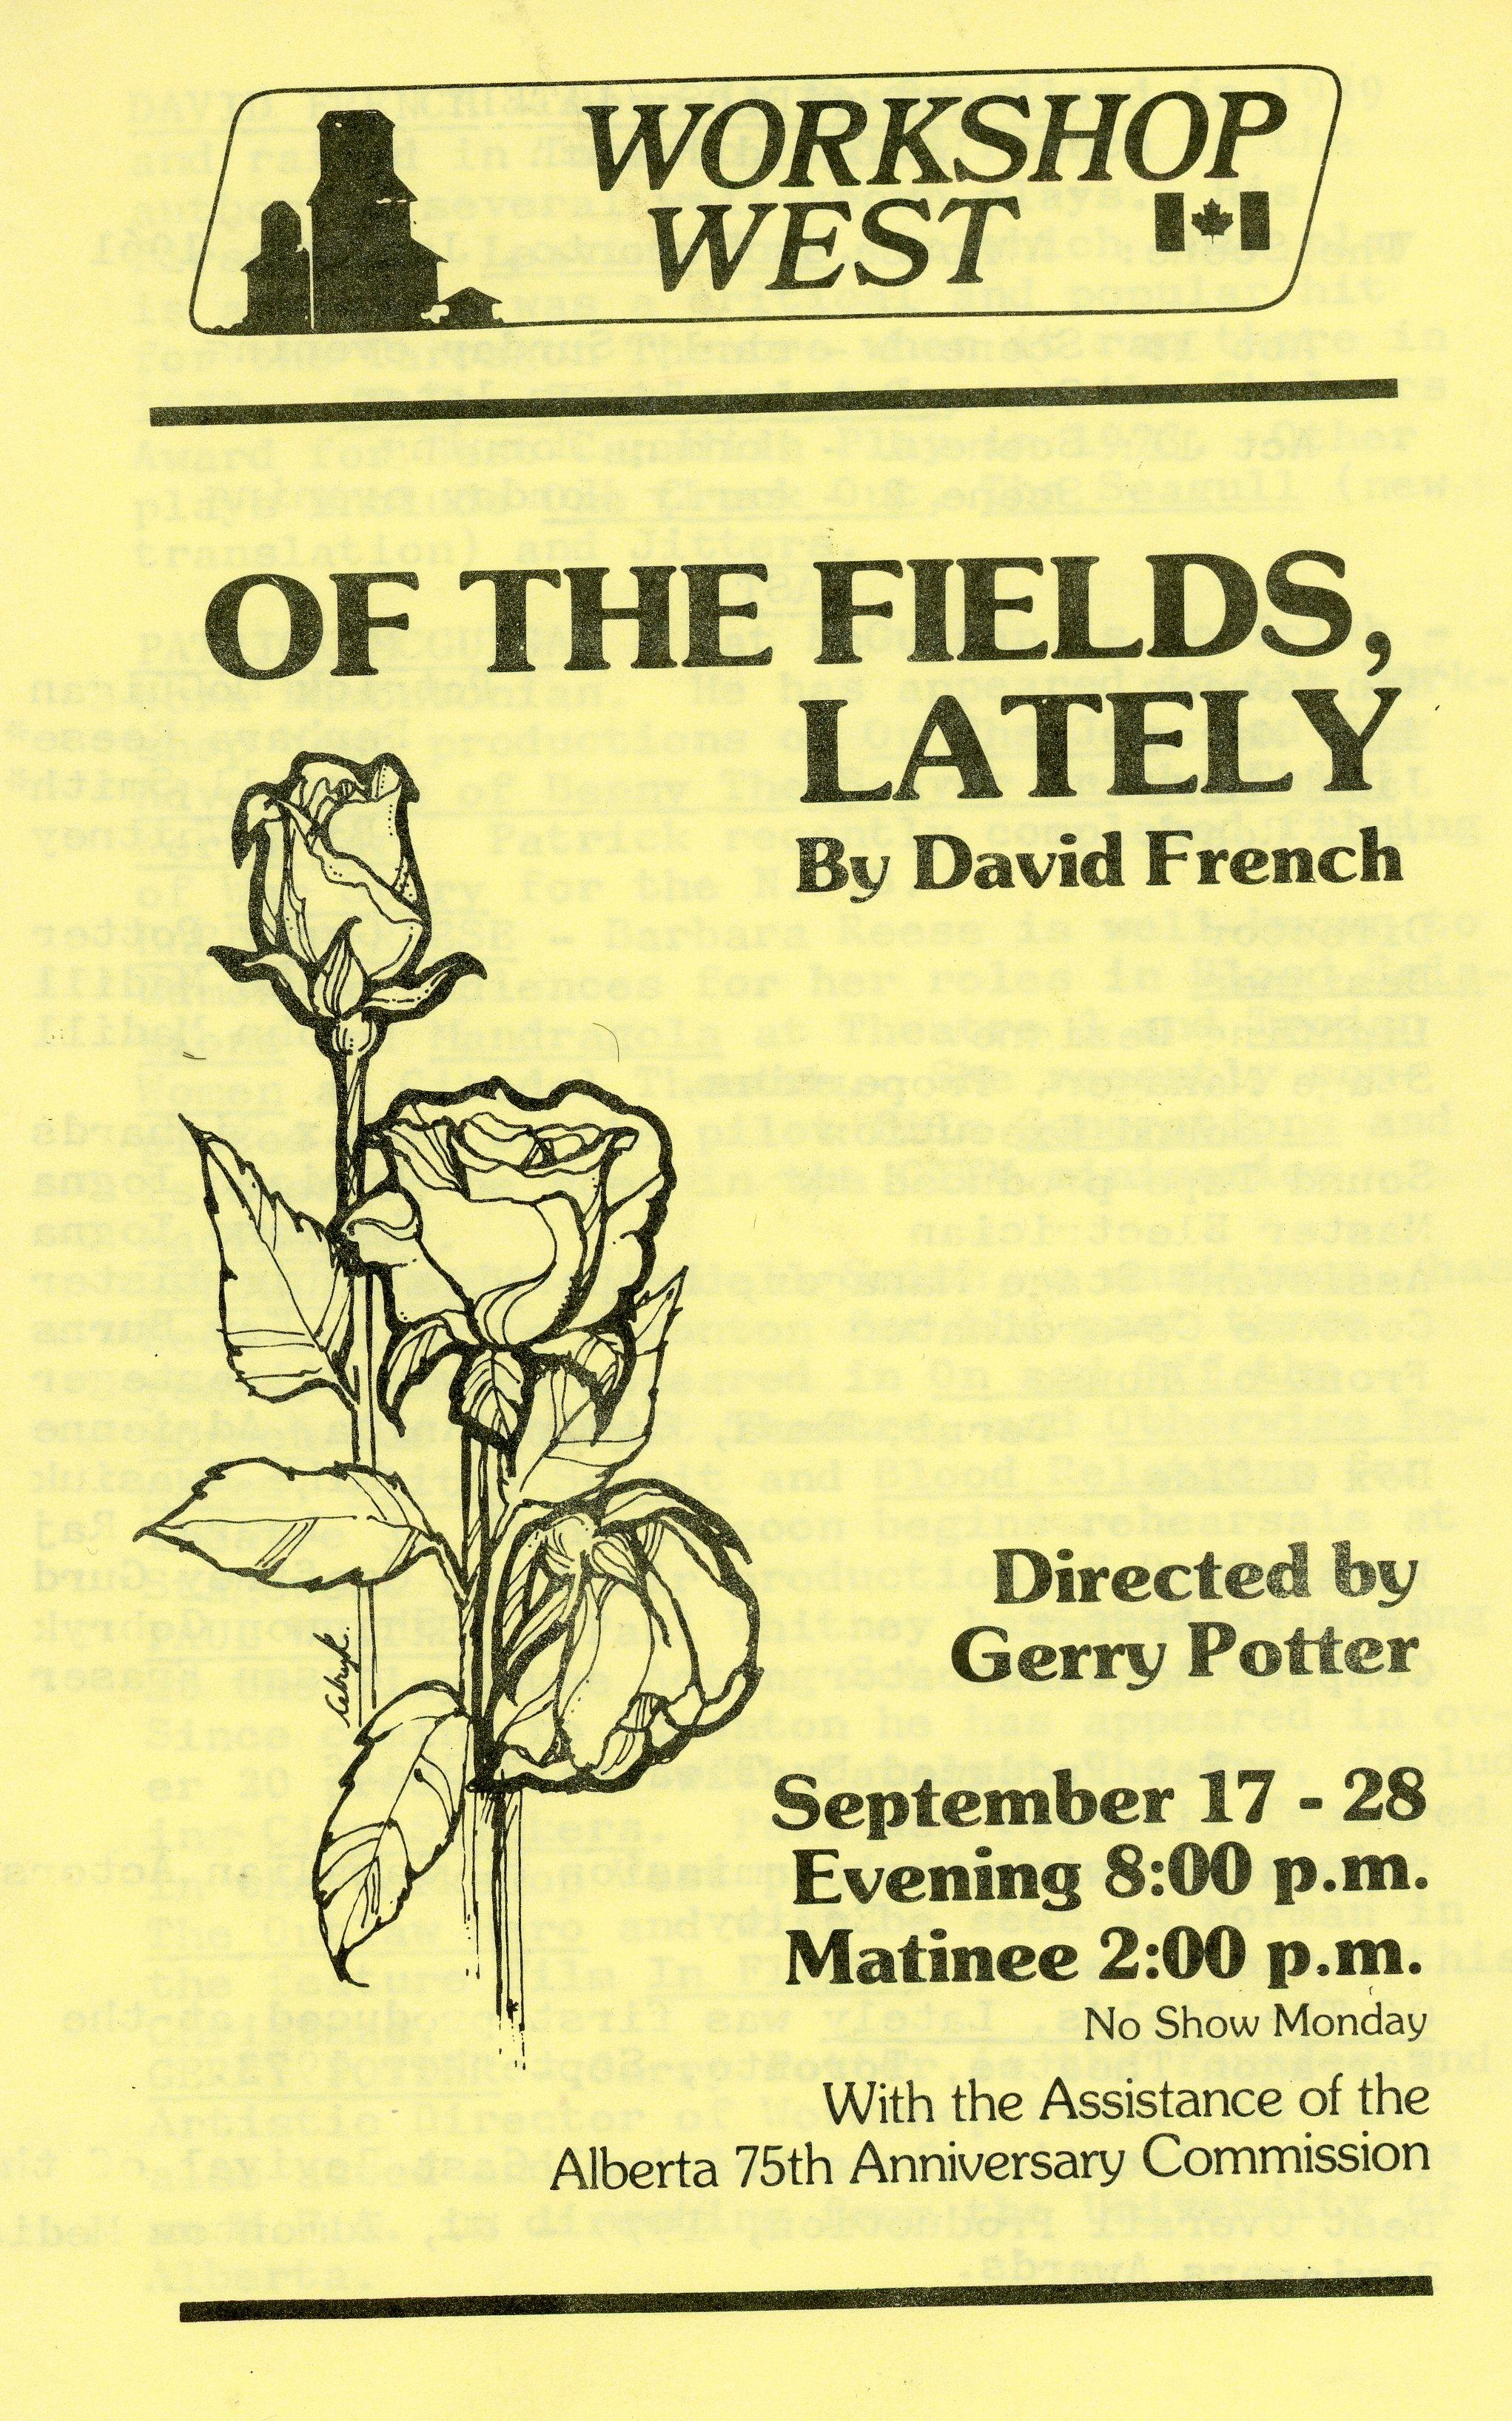 Of the Fields, Lately (September, 1980) - Program Cover.jpg